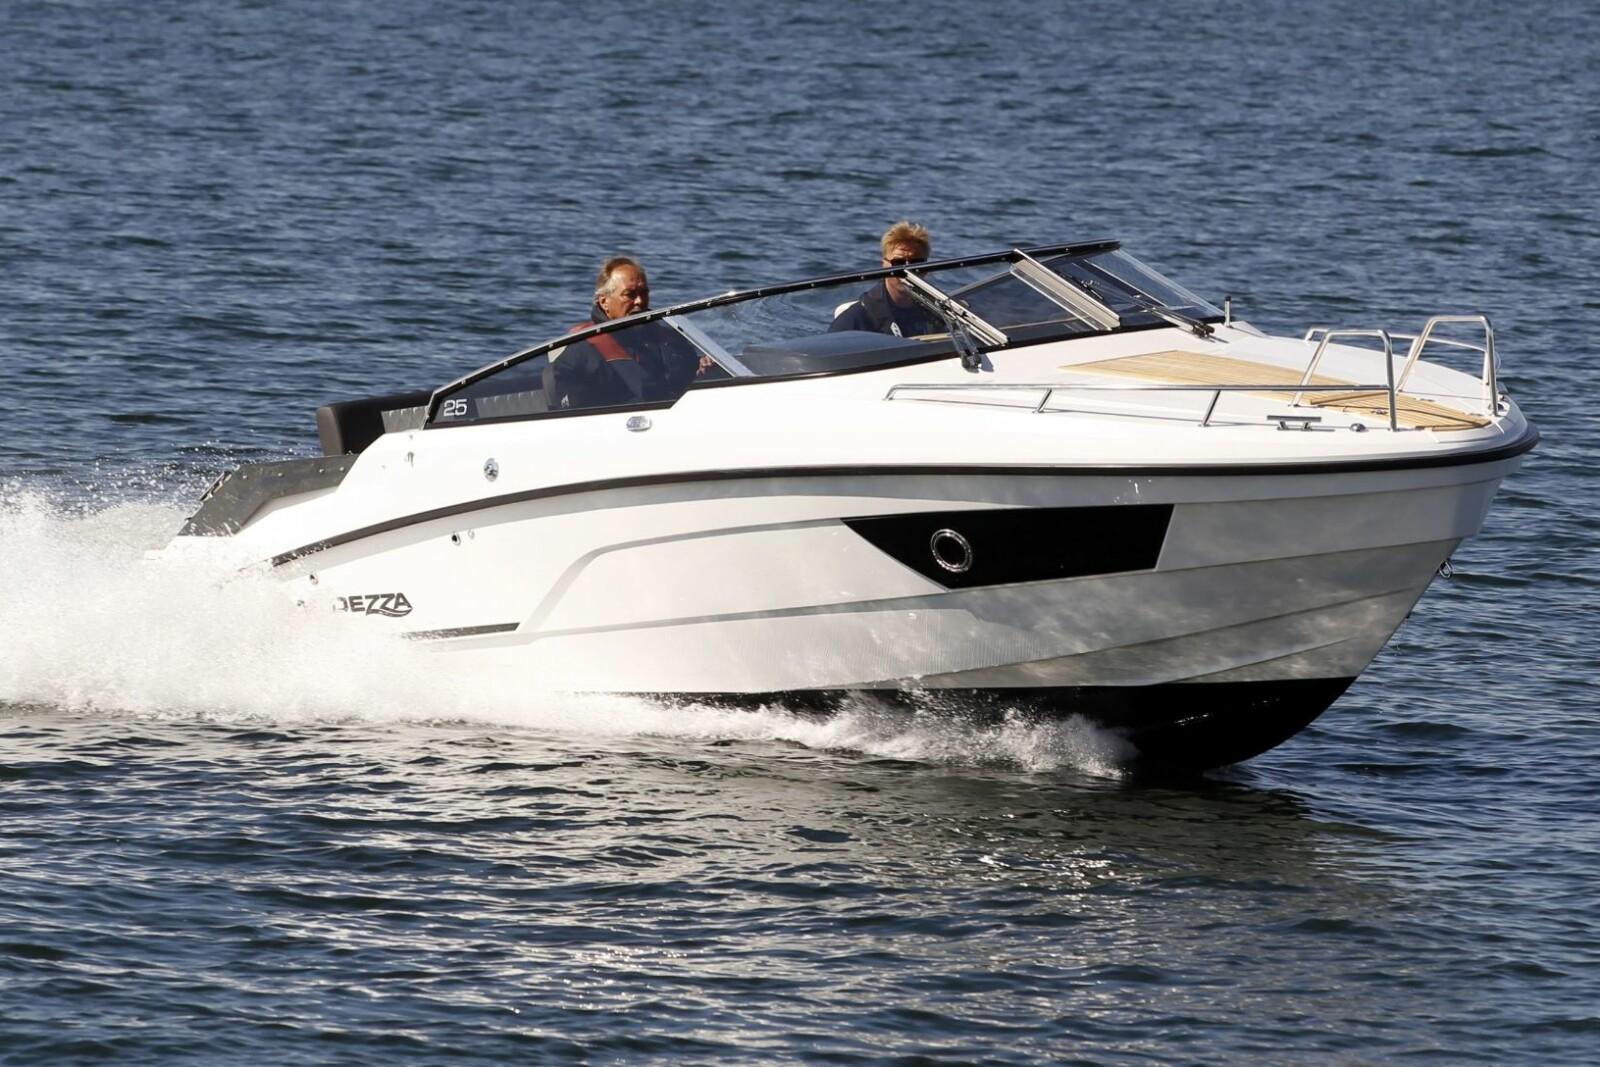 <b>GÅR GODT:</b> 44 knop og stabile sjøegenskaper gjør dette til en spenstig kjøreopplevelse.